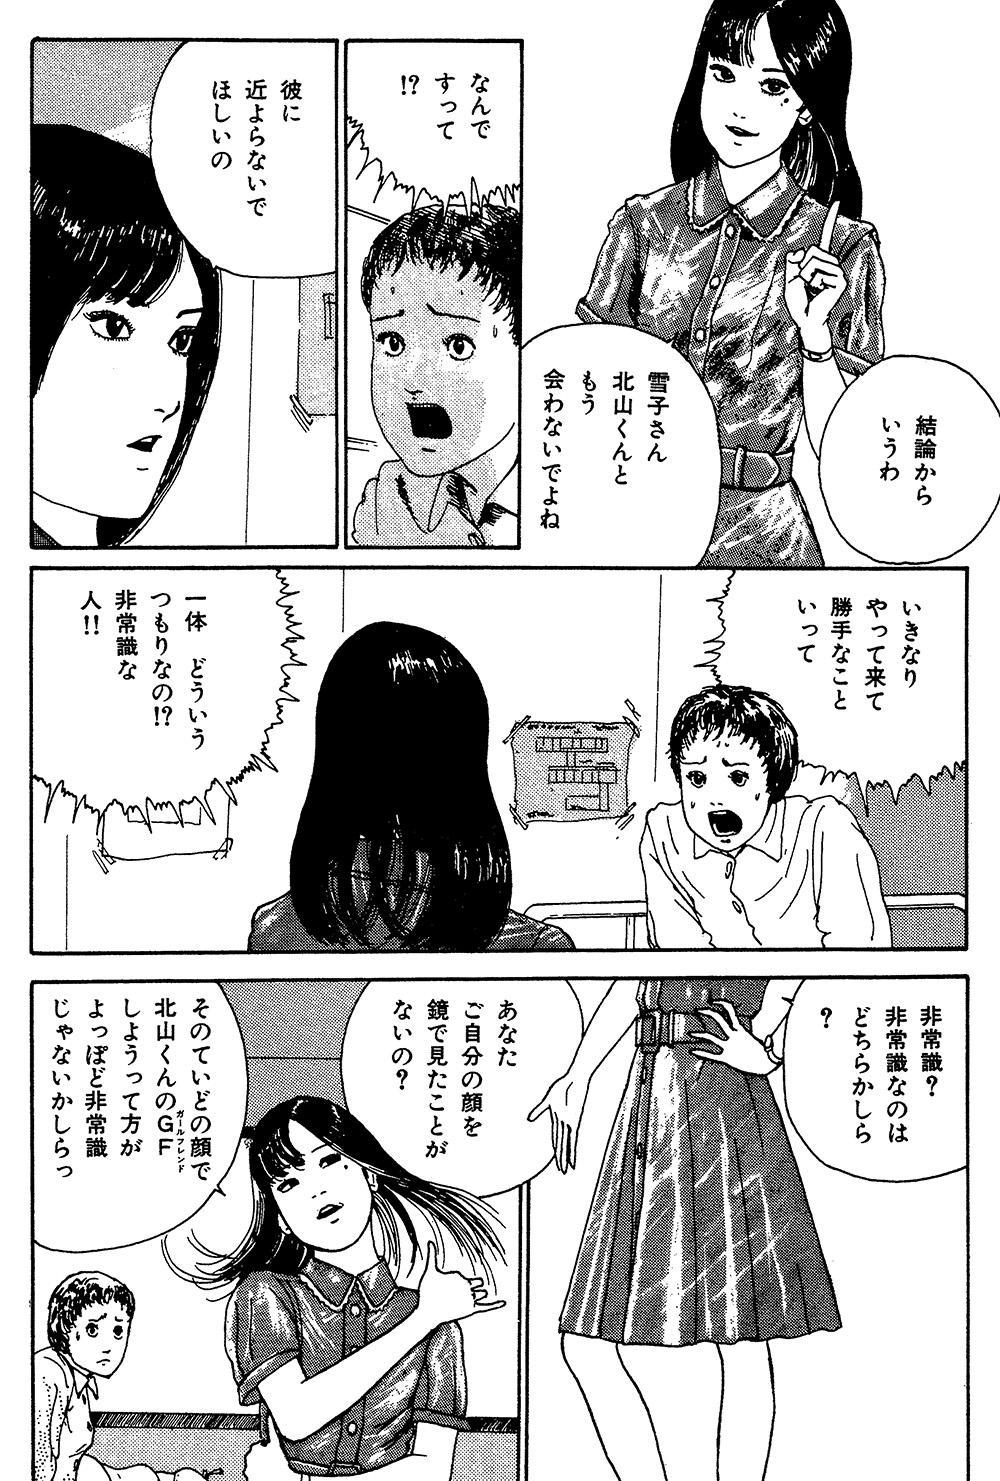 伊藤潤二傑作集 第2話「富江 森田病院編」①itouj_0001_0042.jpg